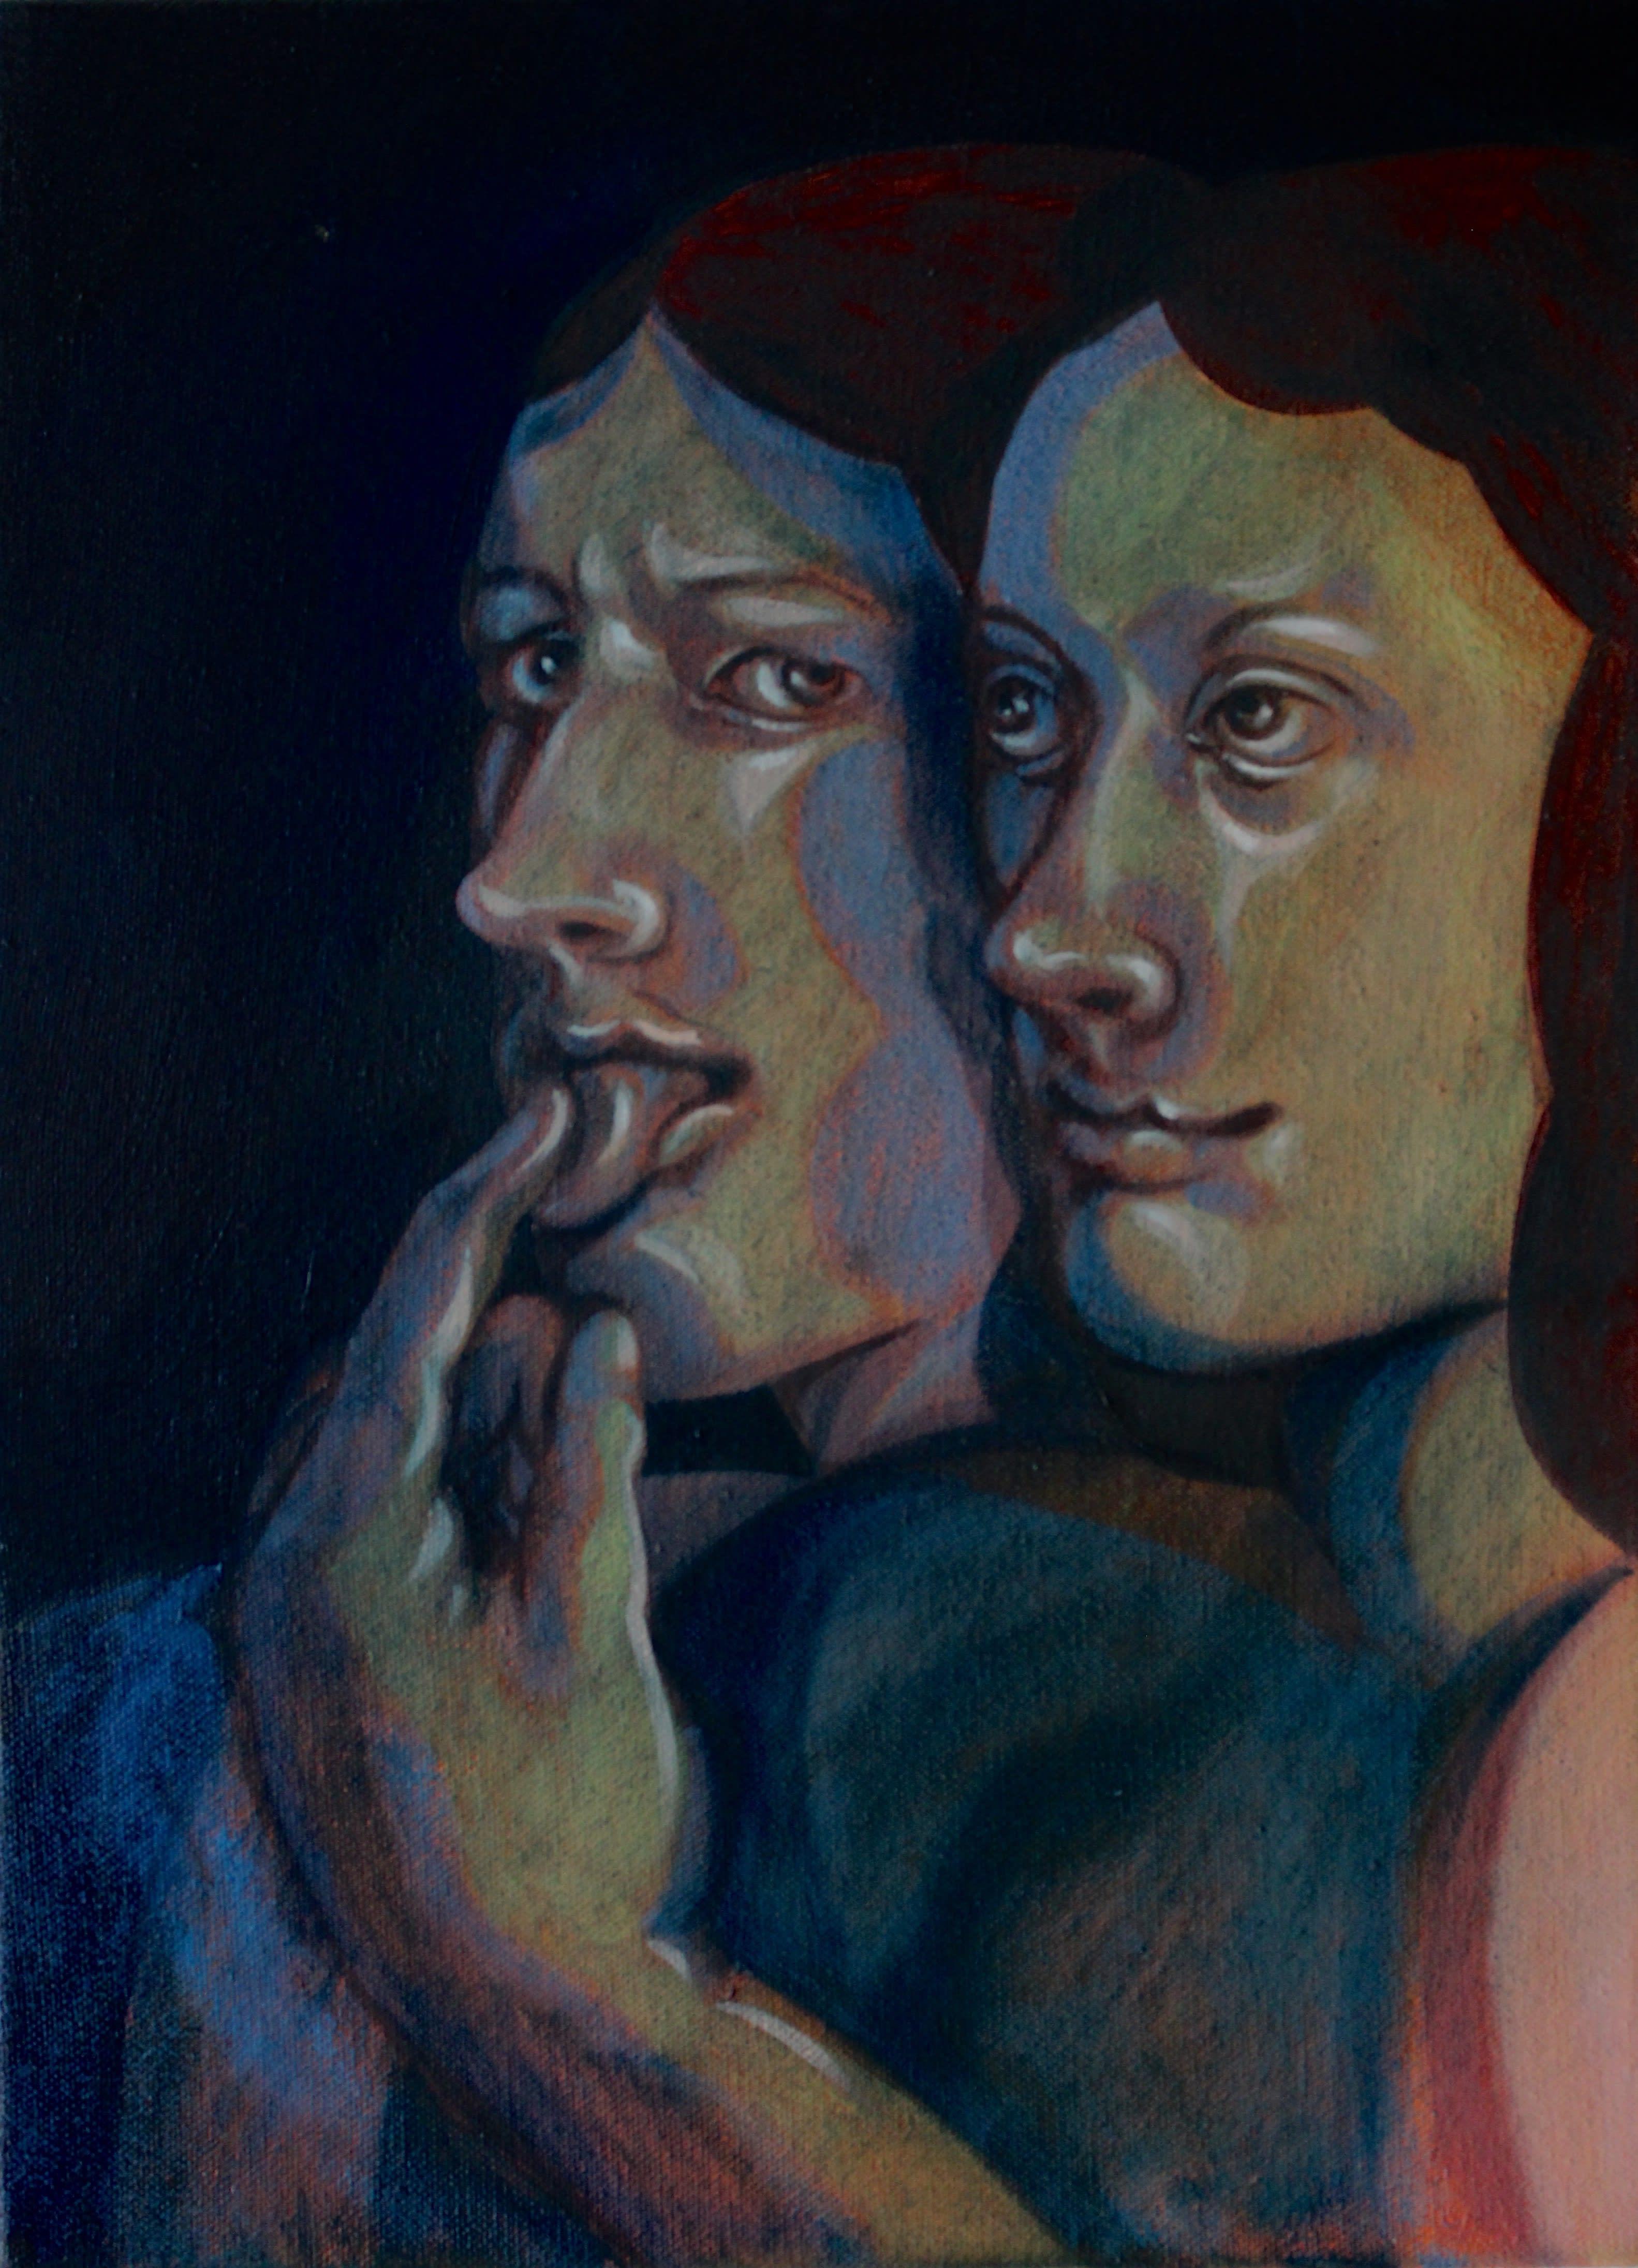 Nettle Grellier painting emerging artist